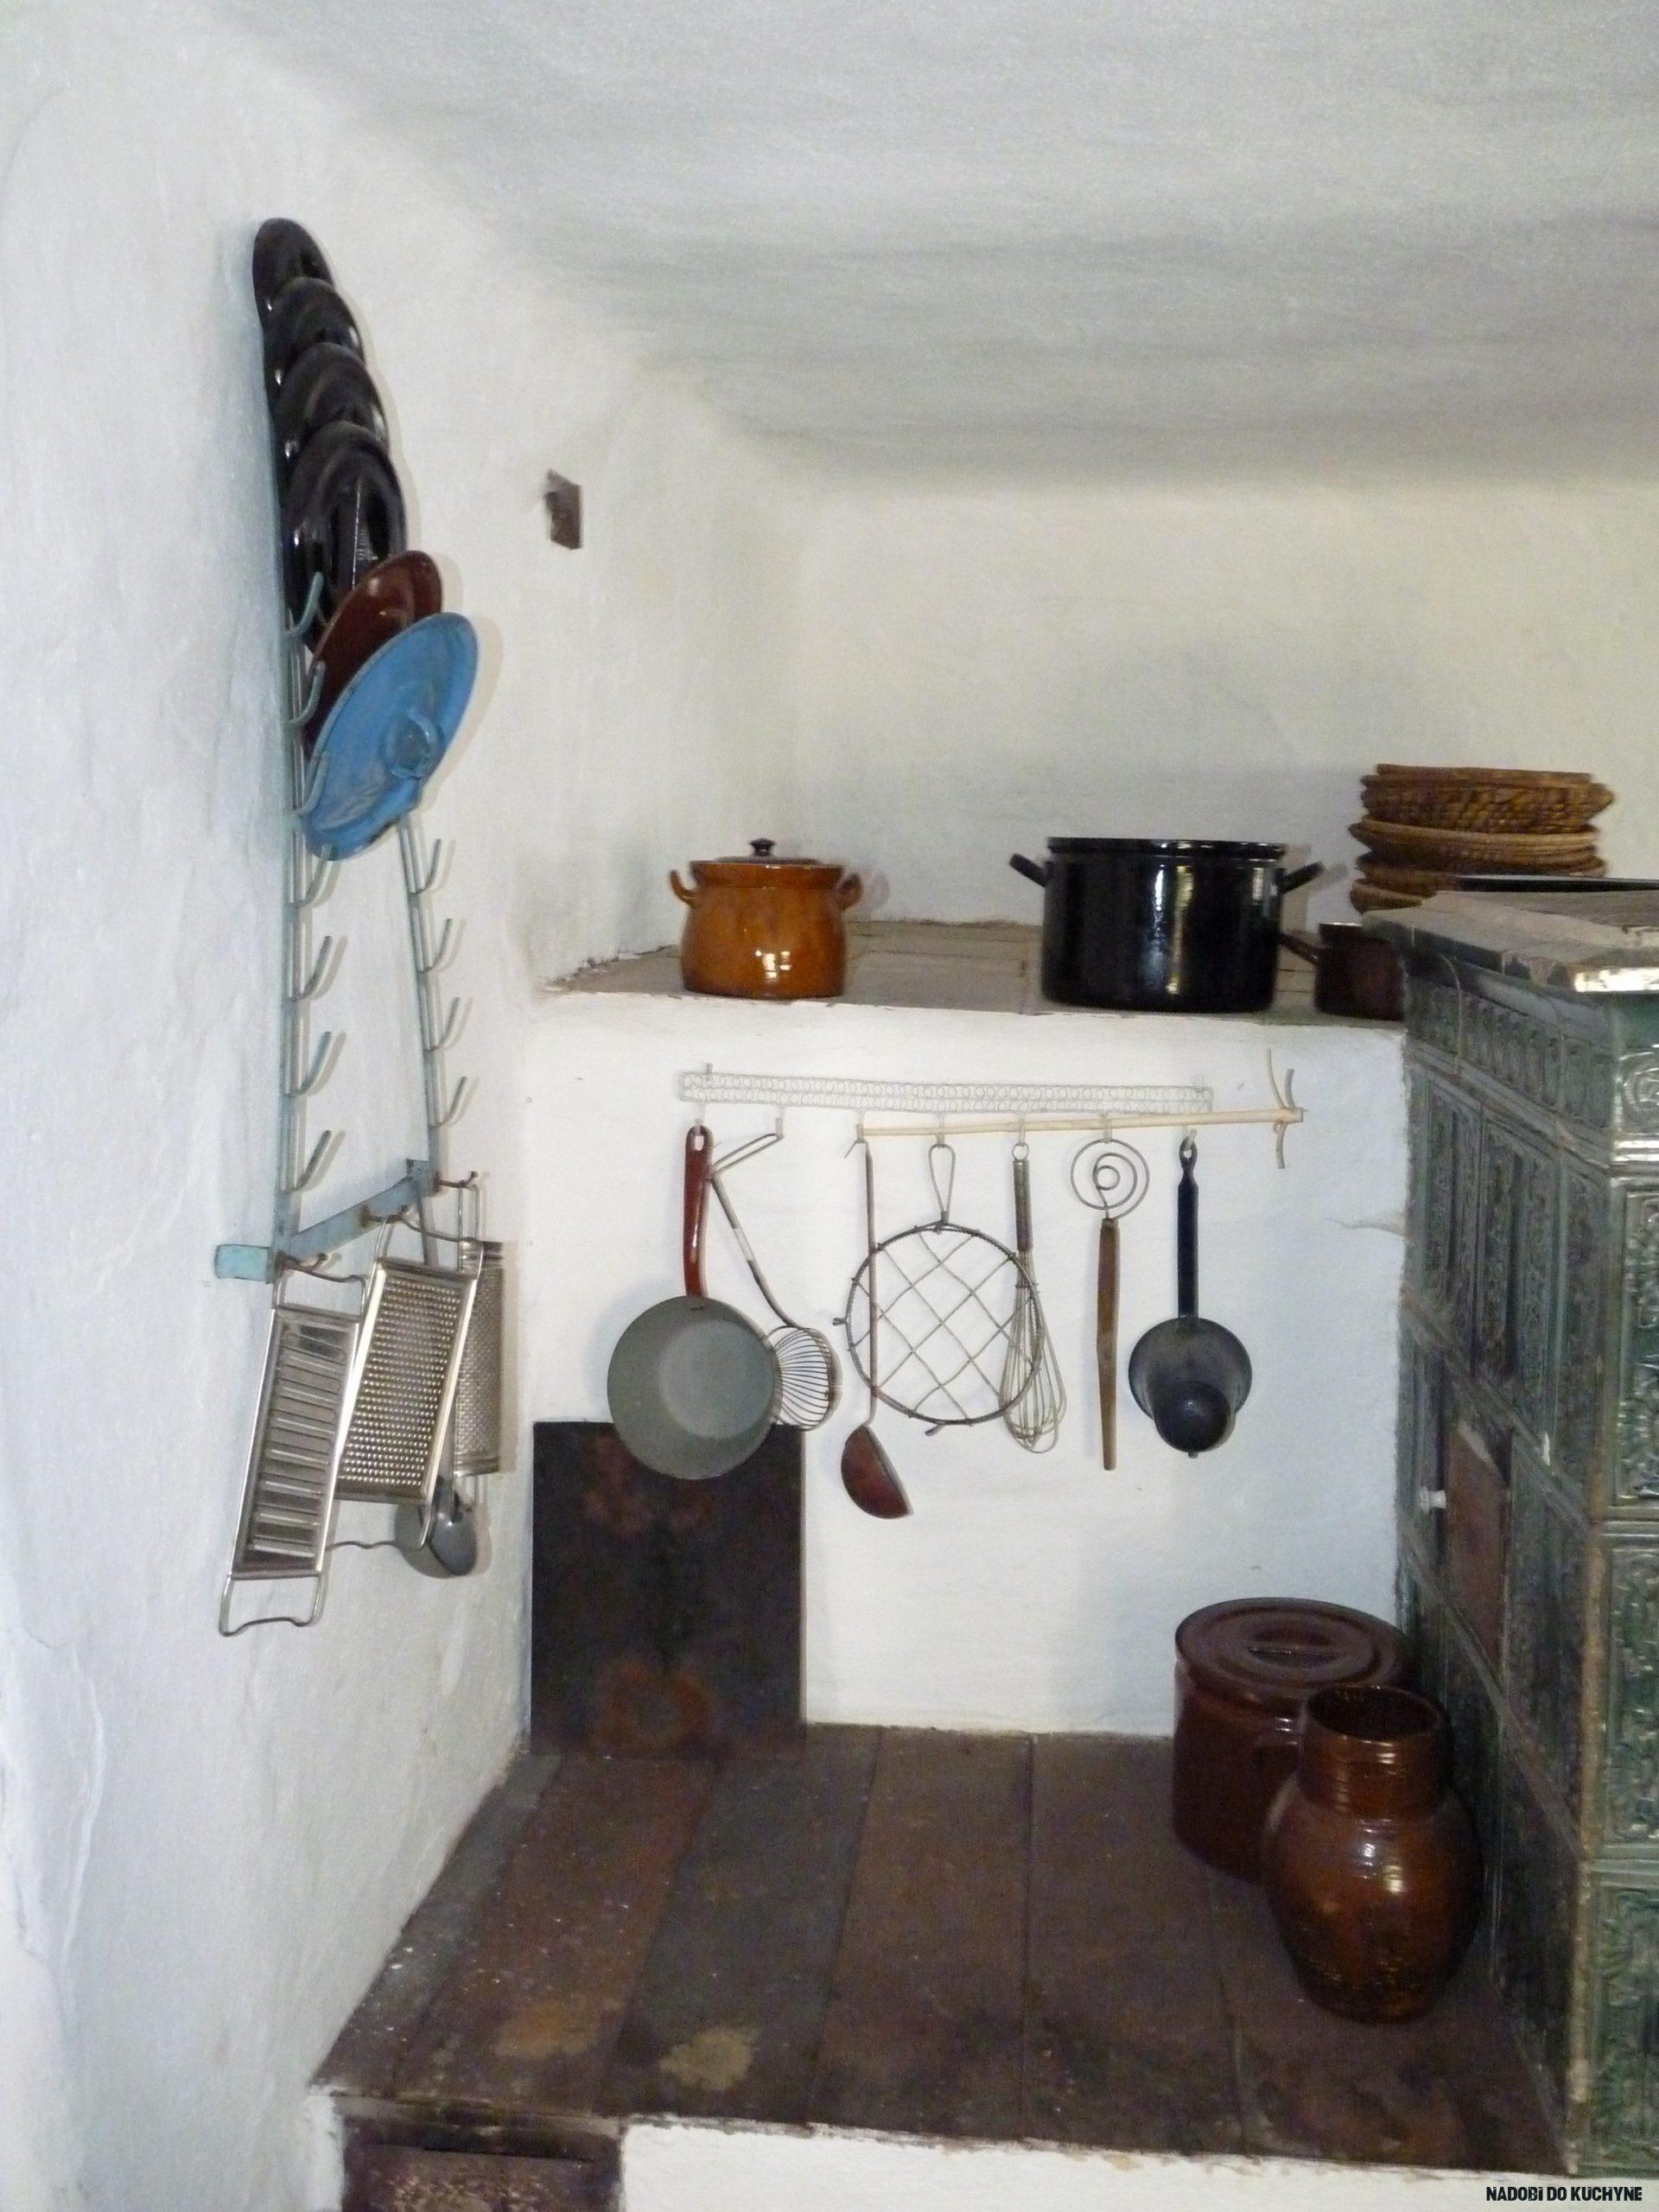 File:Vodní mlýn (Hoslovice), kuchyně, staré nádobí.JPG - Wikimedia